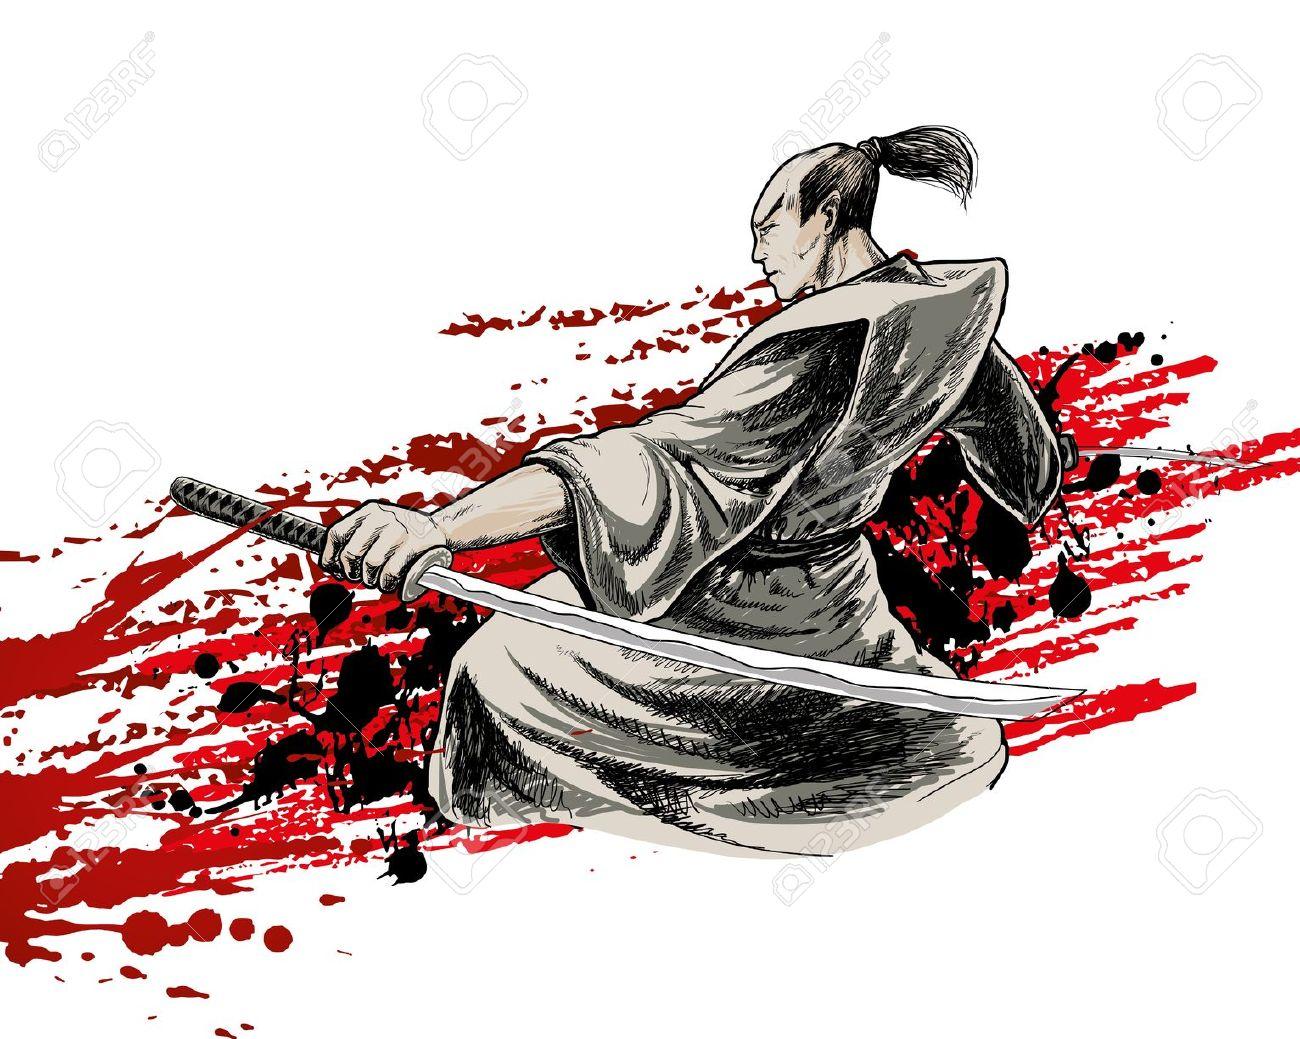 Samurai Warrior clipart #10, Download drawings